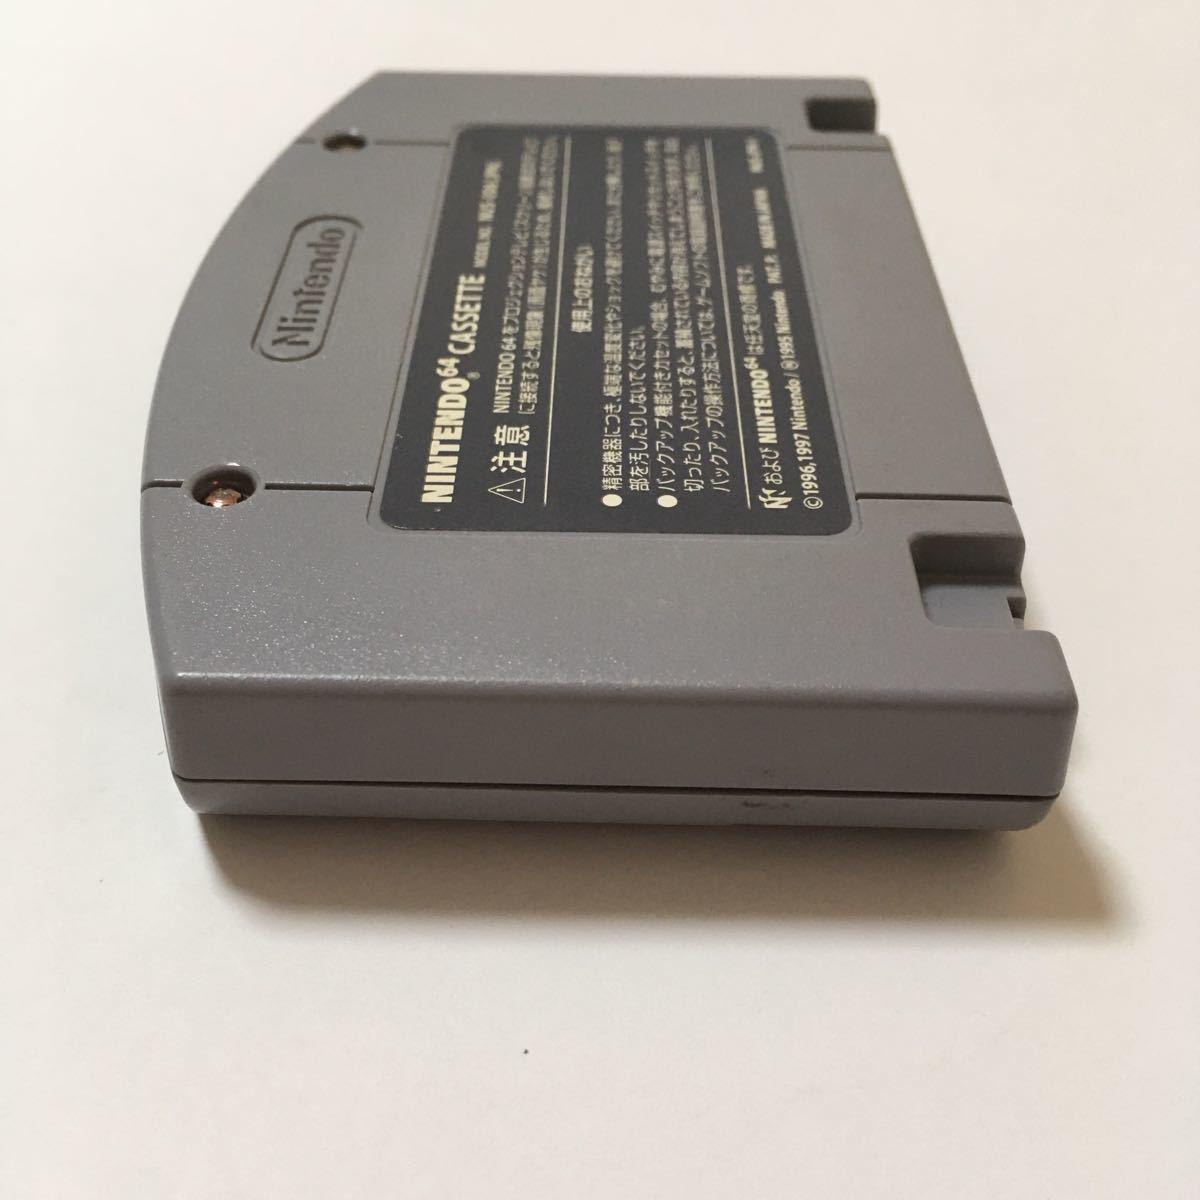 ニンテンドー64  ソフト ラストレジオンUX  動作確認済み レトロ ゲーム ハドソン レア 任天堂 カセット